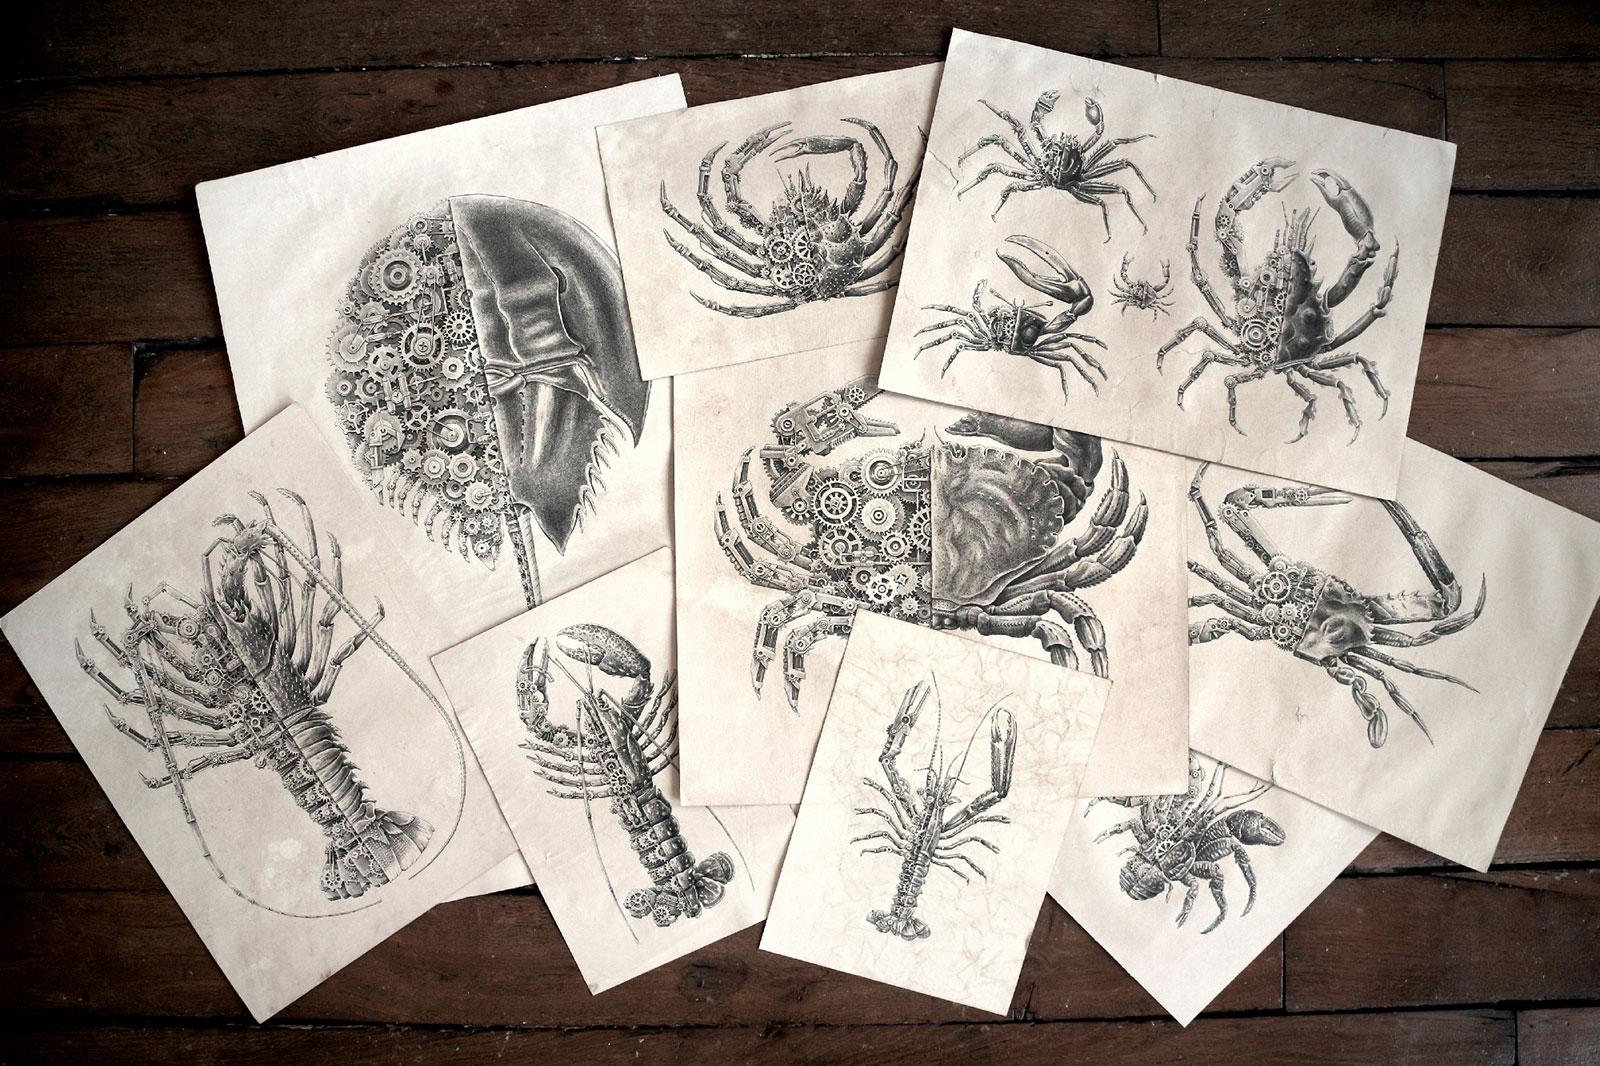 Steeven Salvat Crustacean study 1